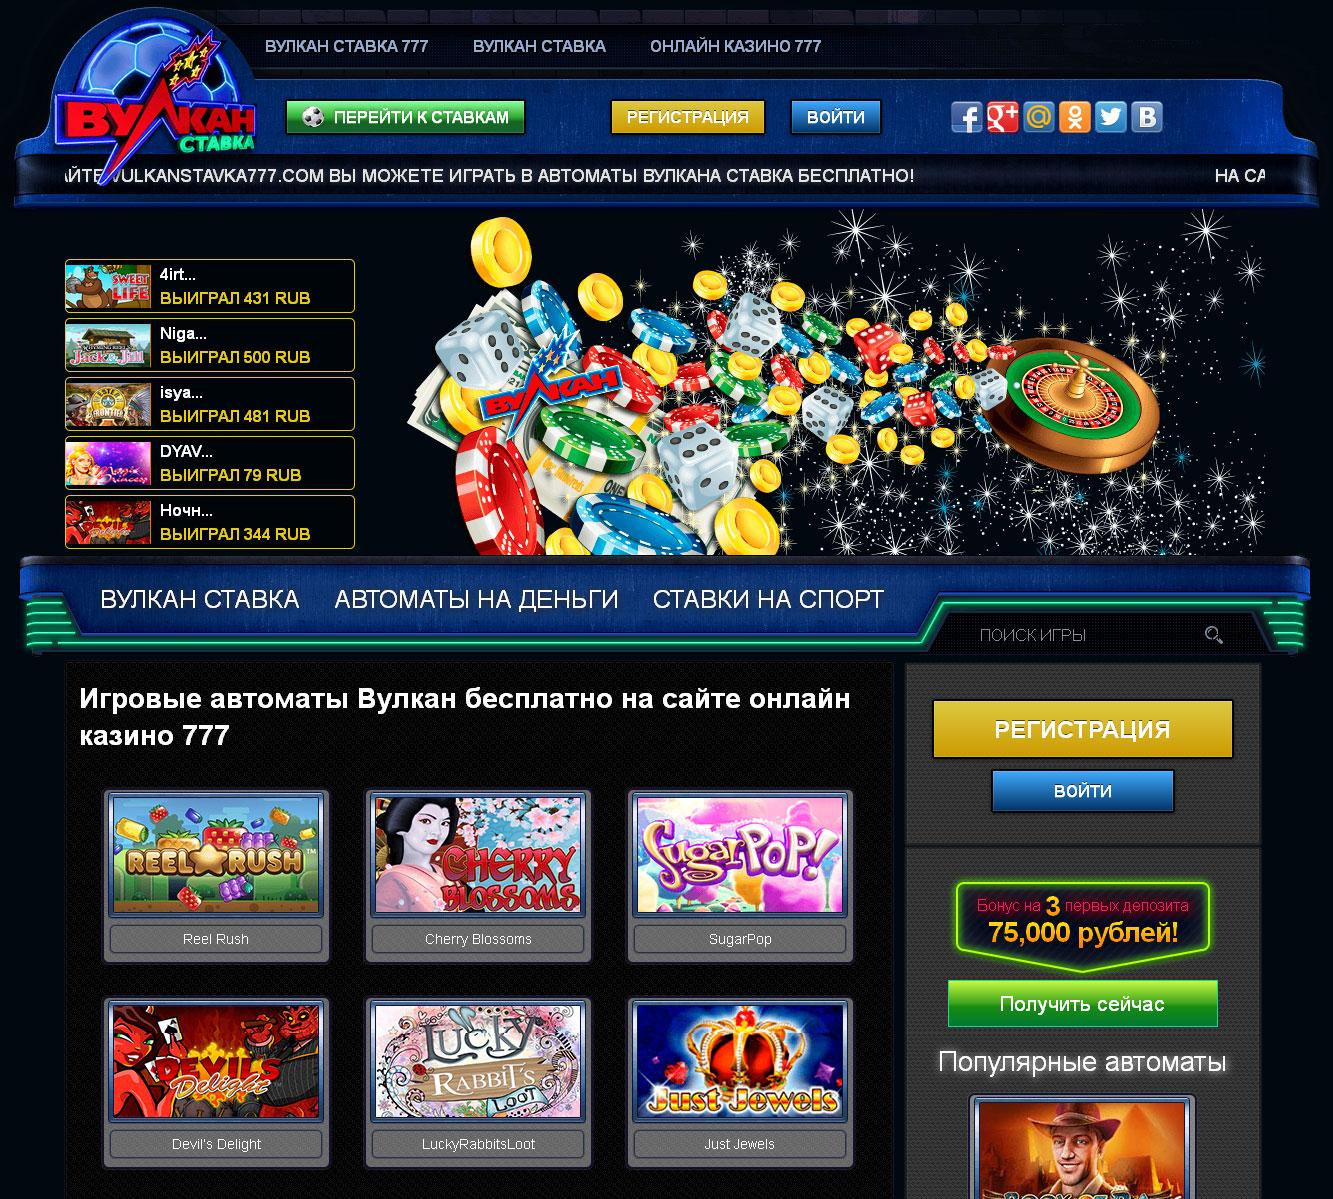 Казино онлайн на реальные деньги бесплатно игровые аппараты скалолаз играть онлайнi